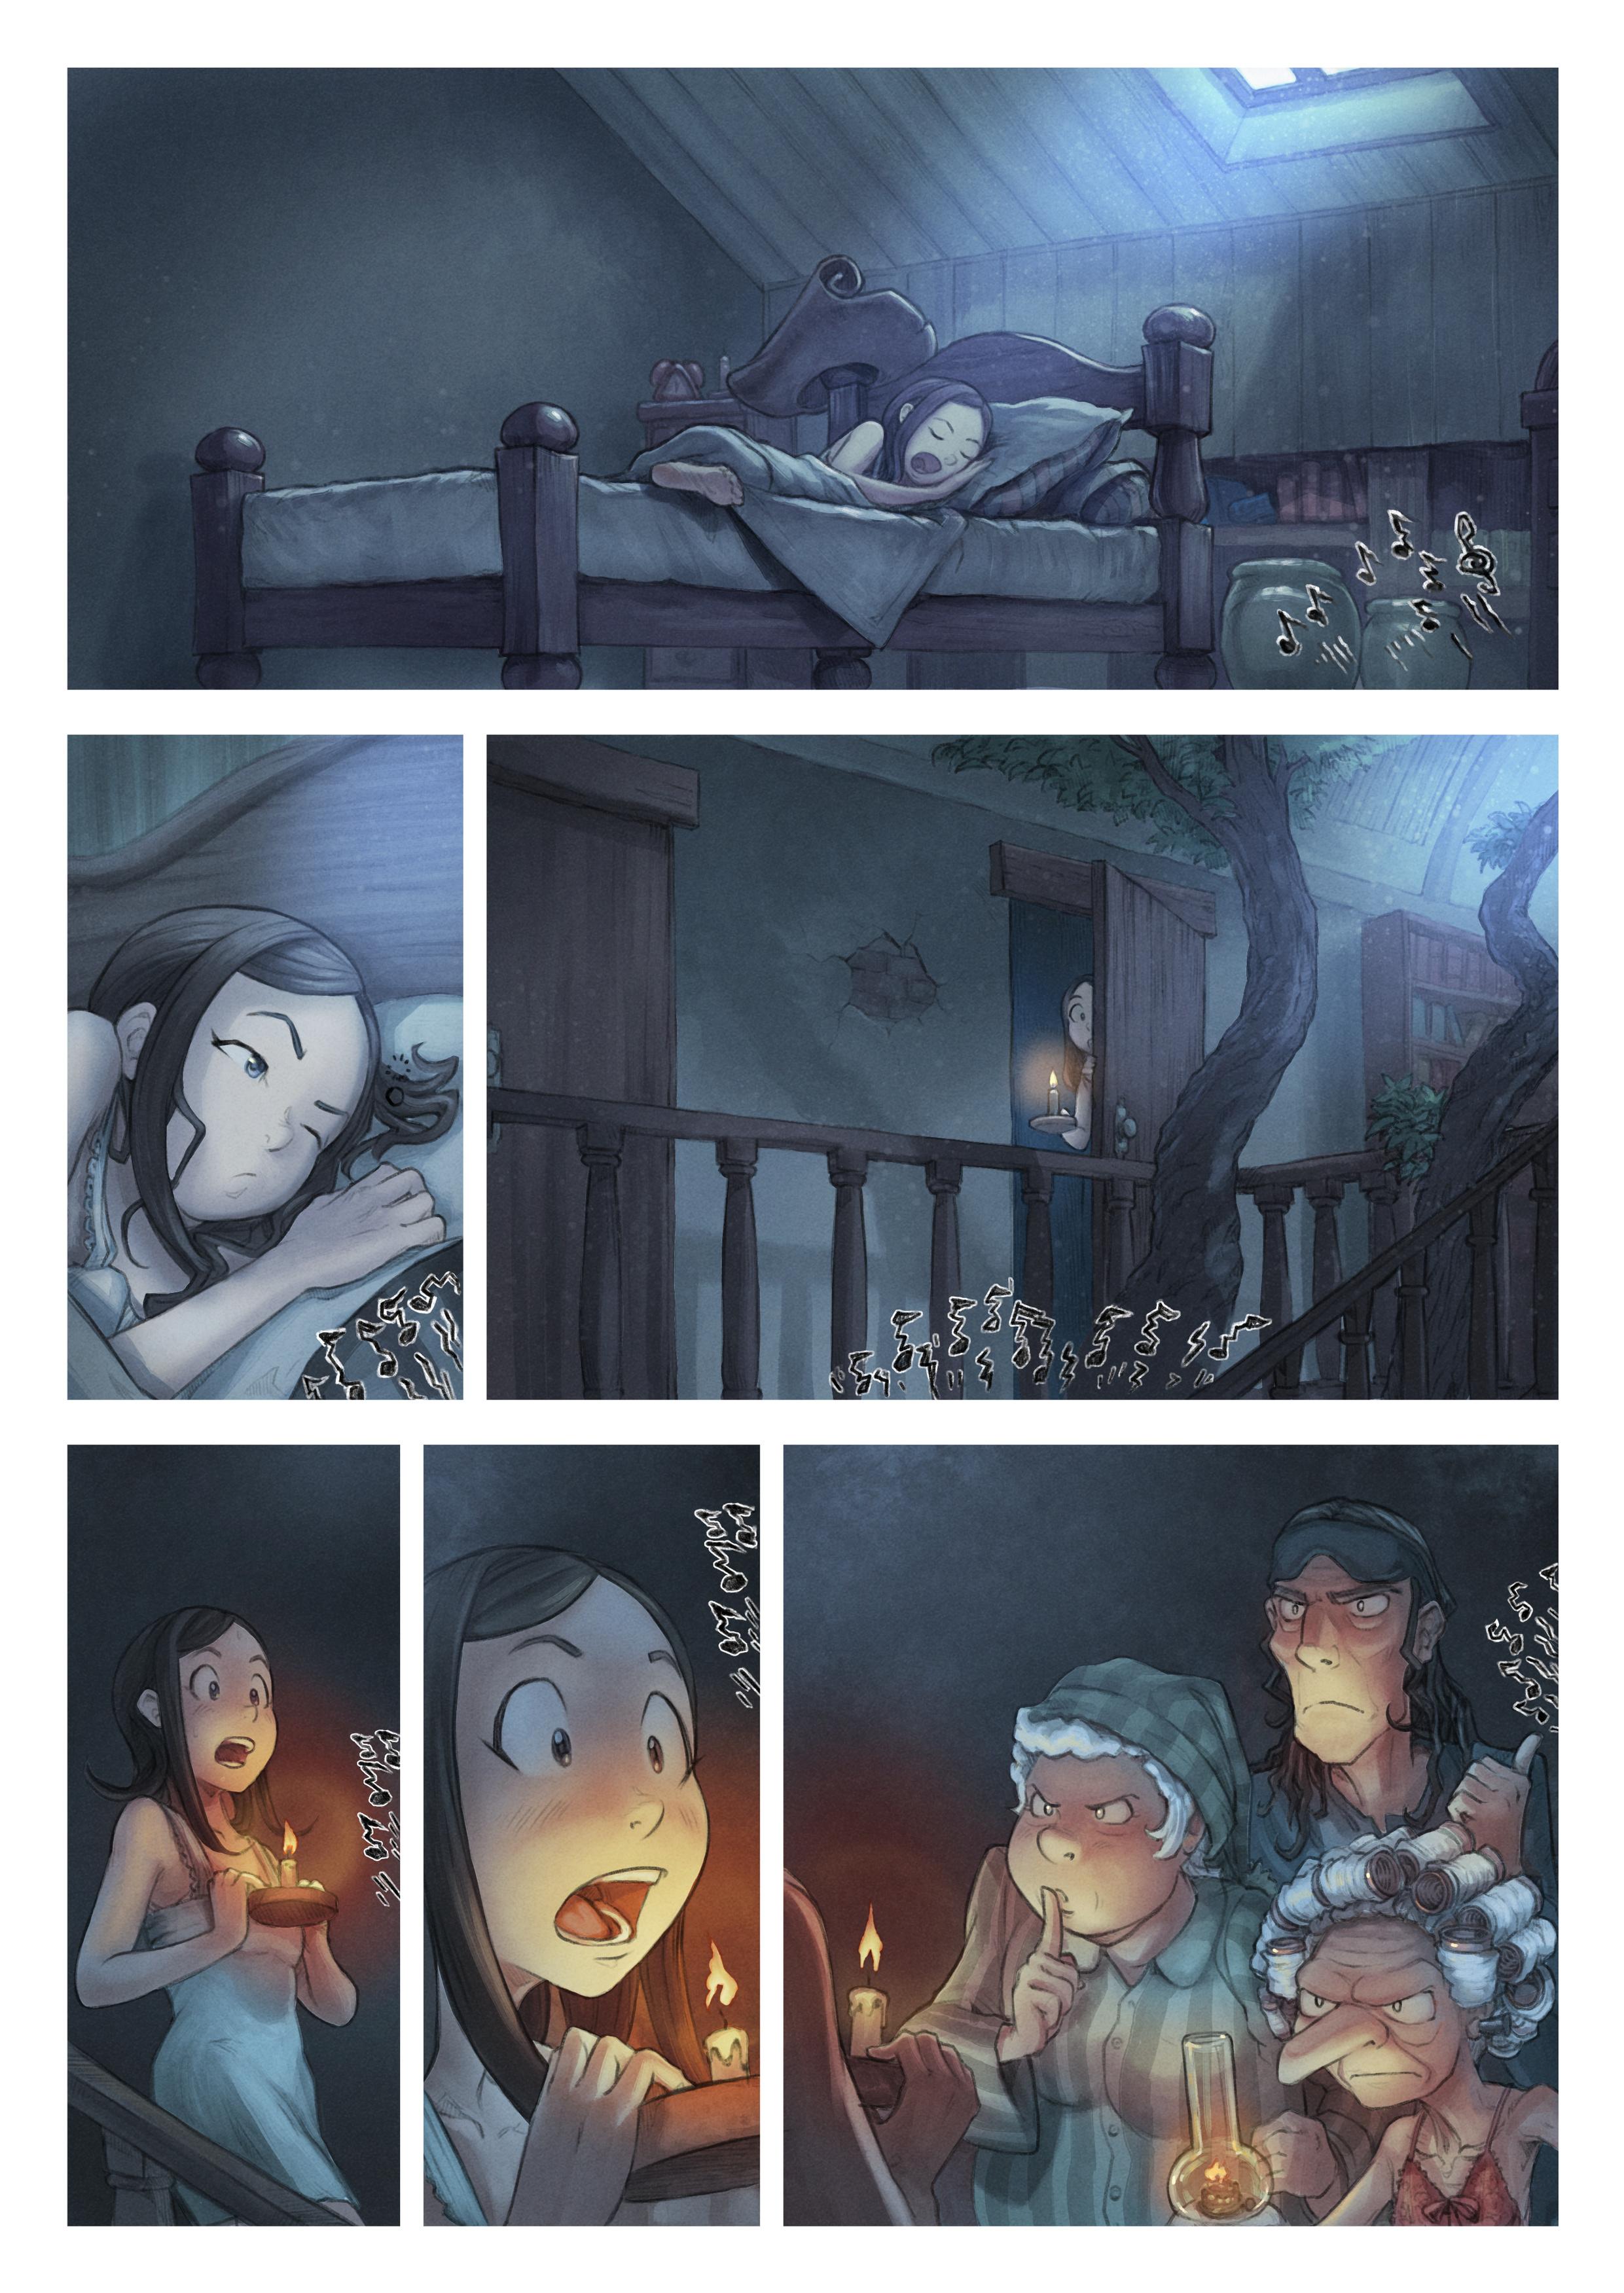 Episode 30: Brug for et kram, Page 5